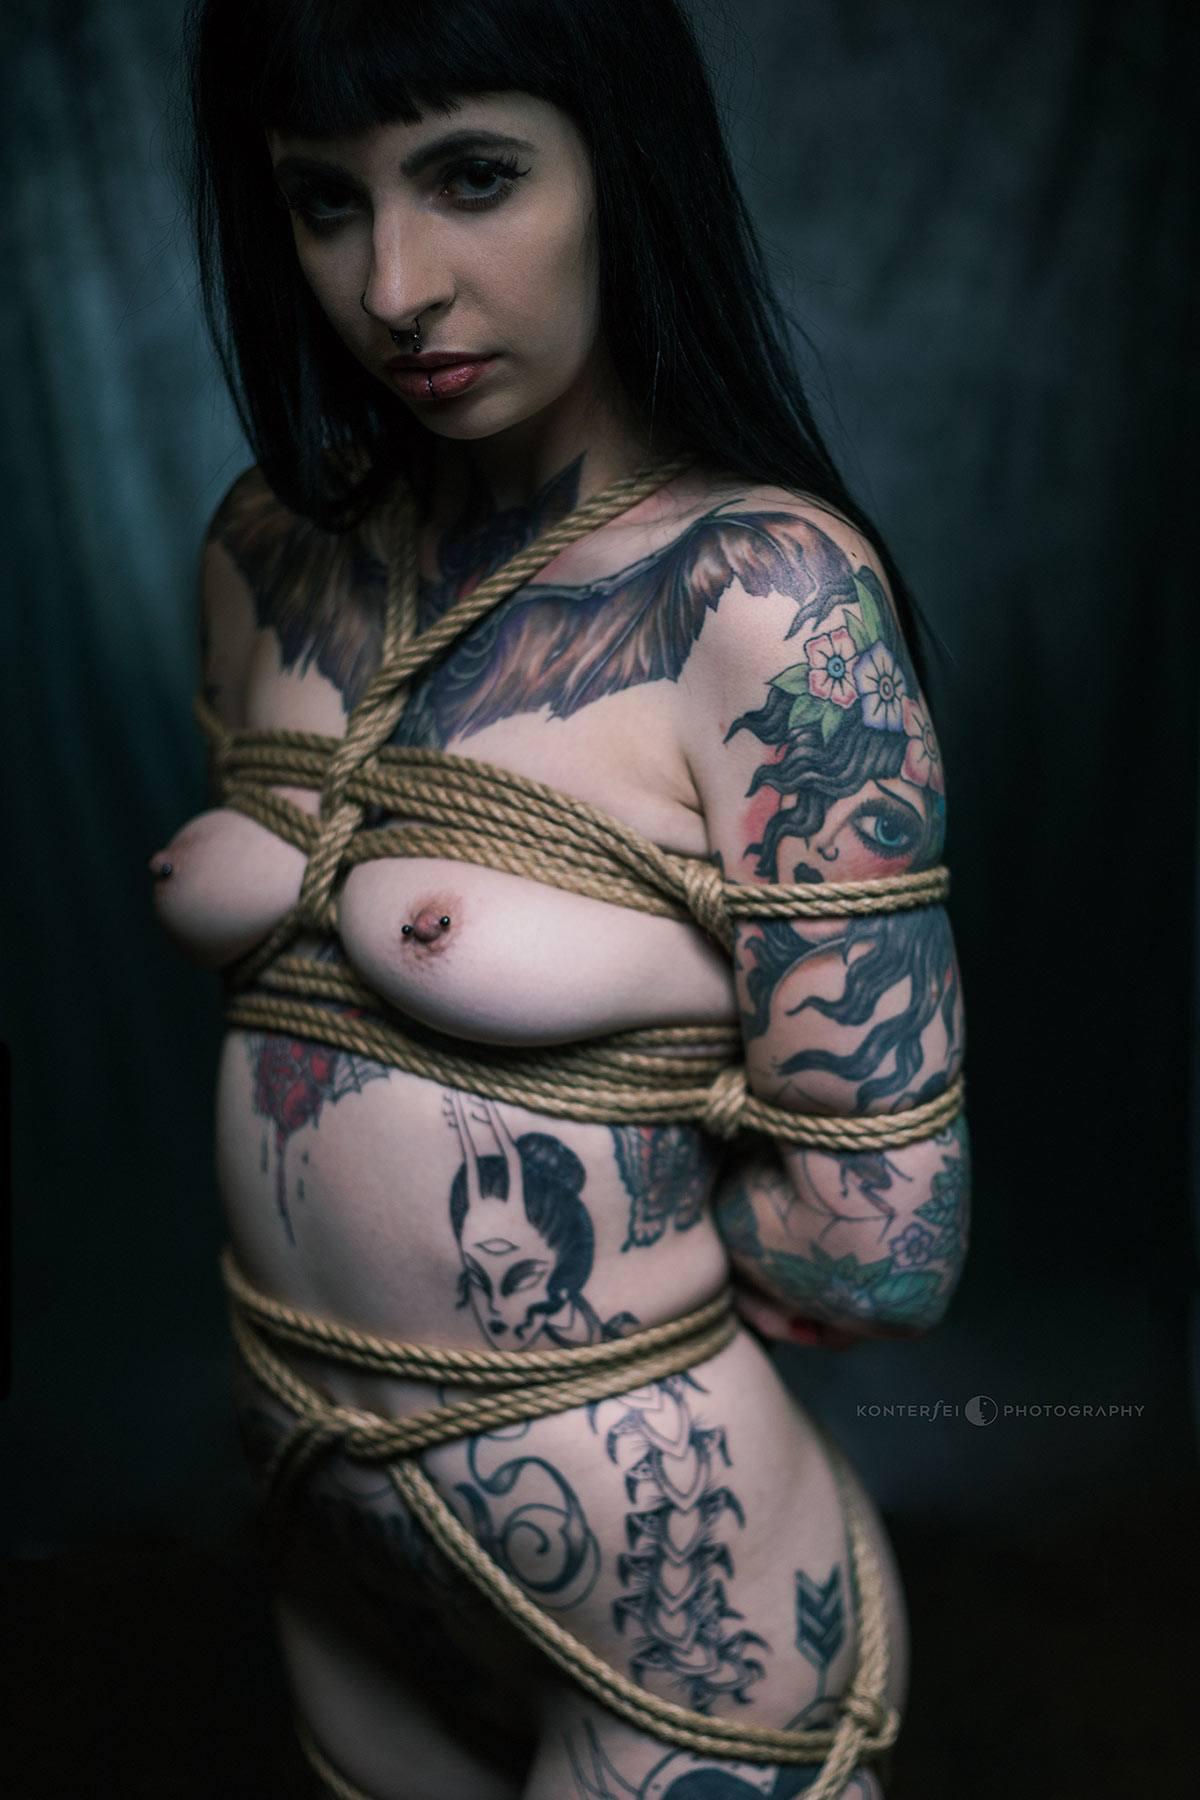 Ink and Ropes | Bondage | Photography